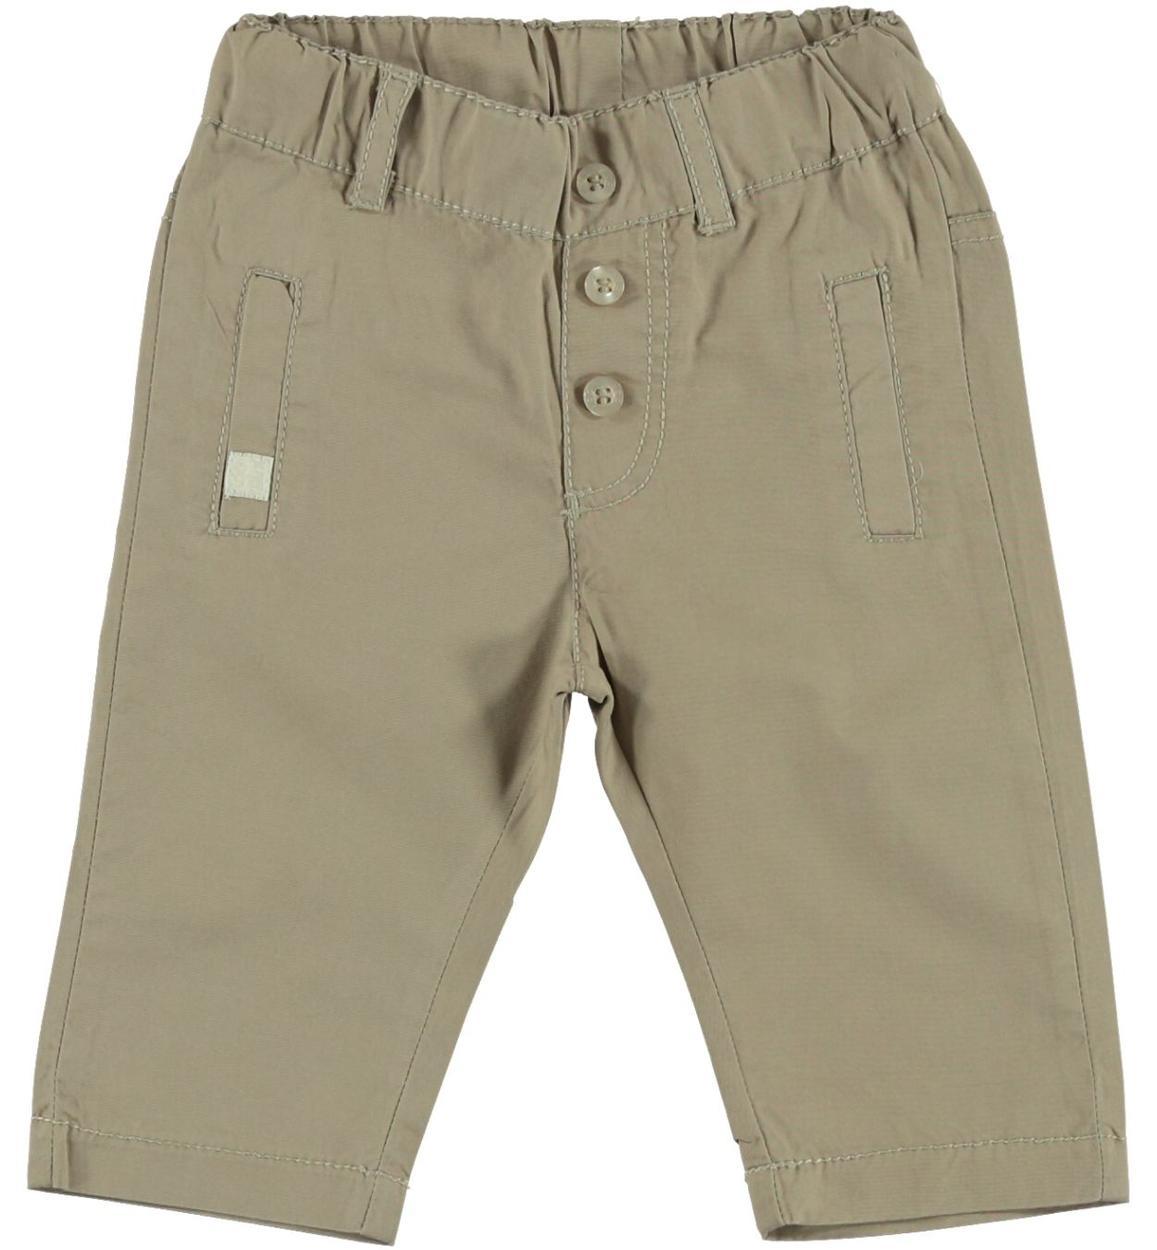 a6b4f69da595 Pantalone lungo 100% cotone tinta unita per neonato da 0 a 18 mesi iDO